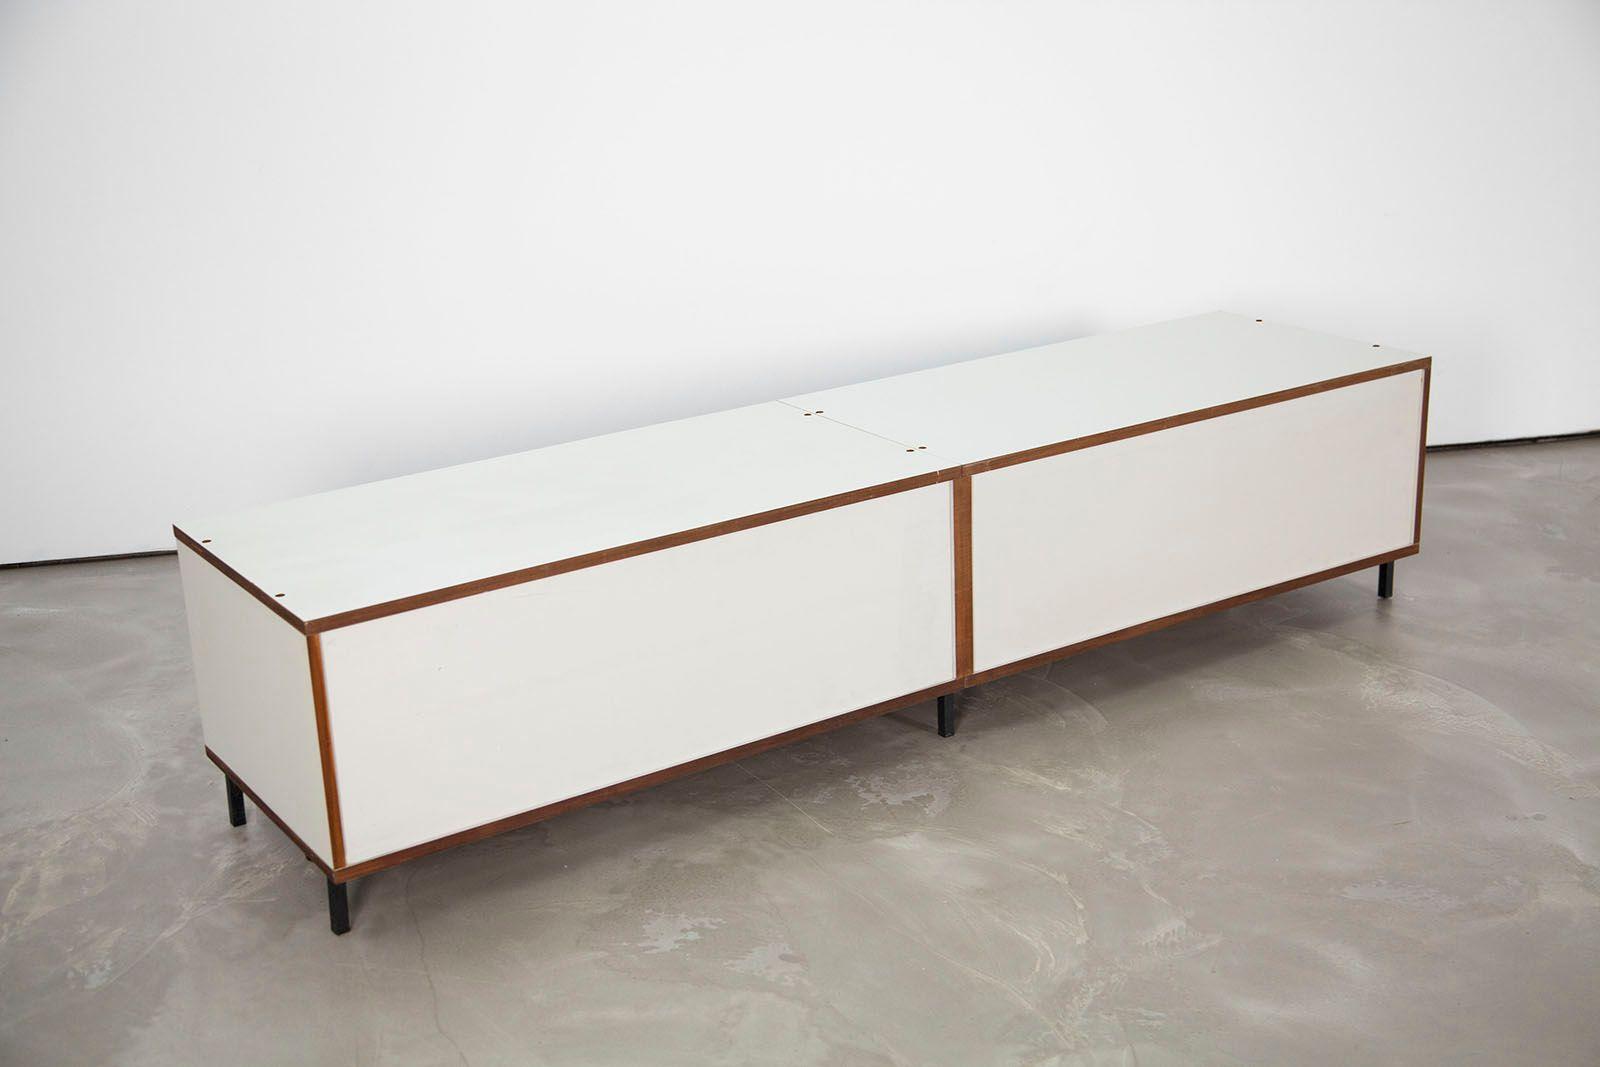 german m 125 formica sideboard with sliding doors by hans gugelot for bofinger 1956 for sale at. Black Bedroom Furniture Sets. Home Design Ideas